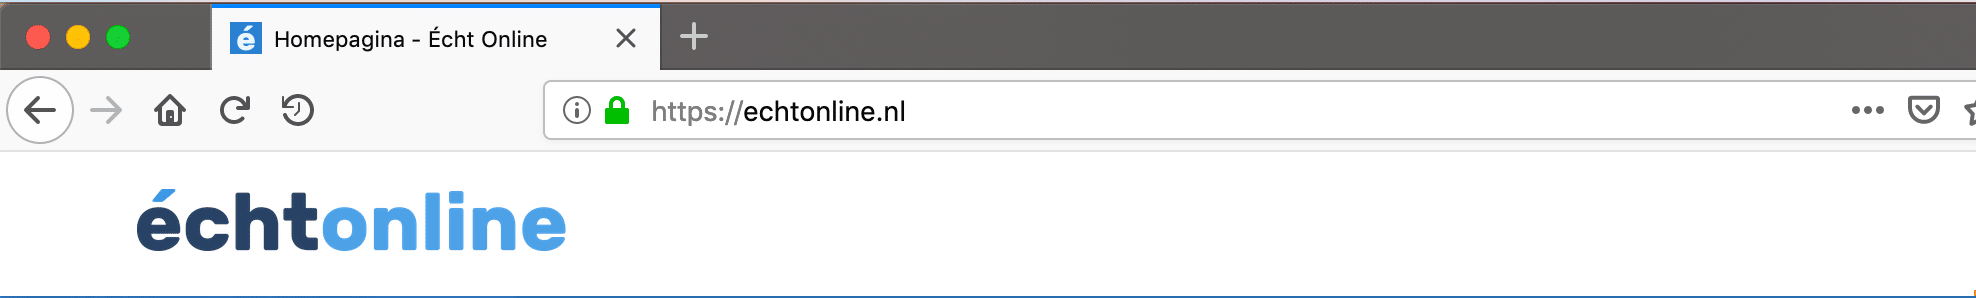 Echt Online is beveiligd met een SSL certificaat